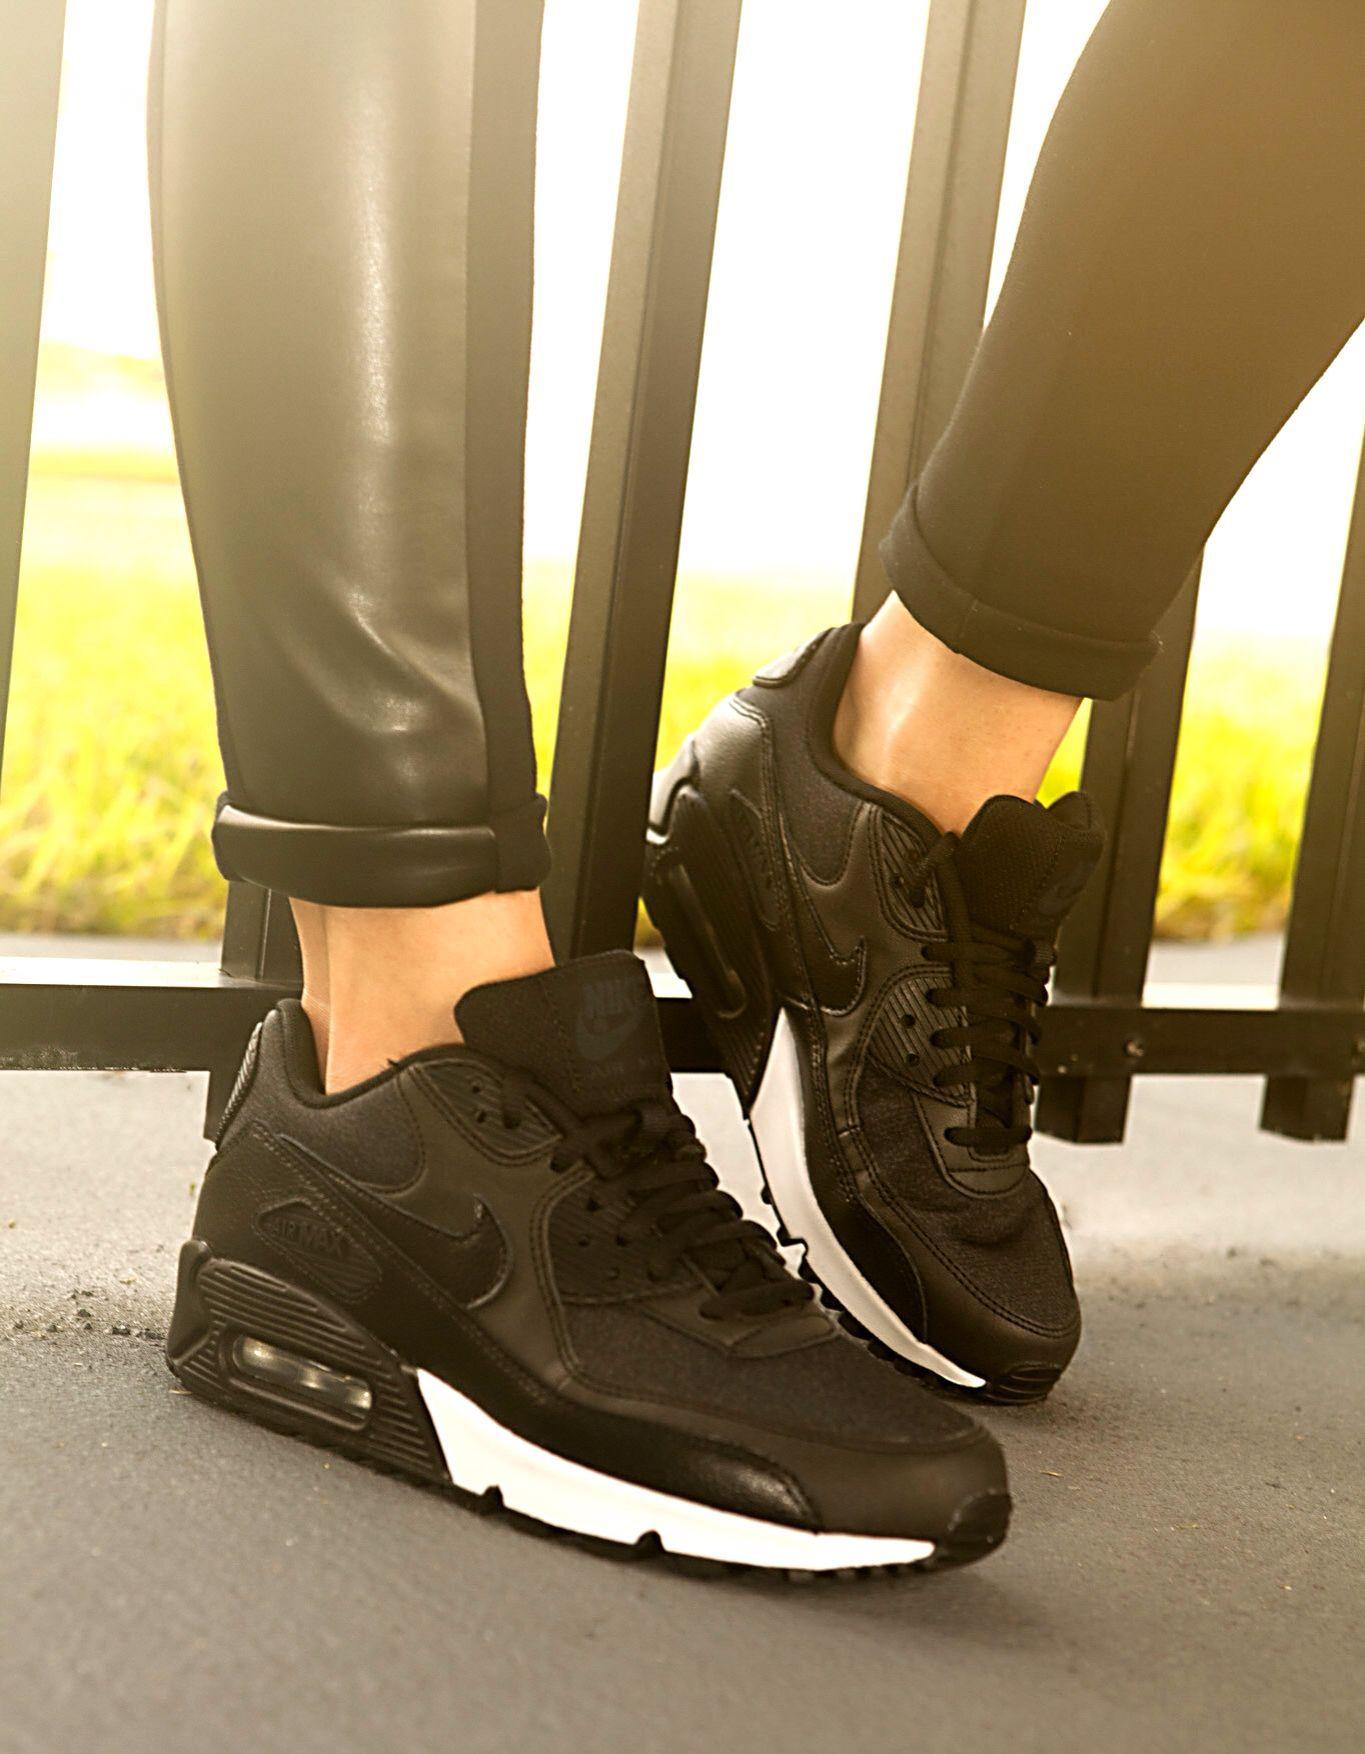 new product a9c69 8ffa7 Nike Air Max 90   Tennis Tips   Pinterest   Air max 90, Air max and ...